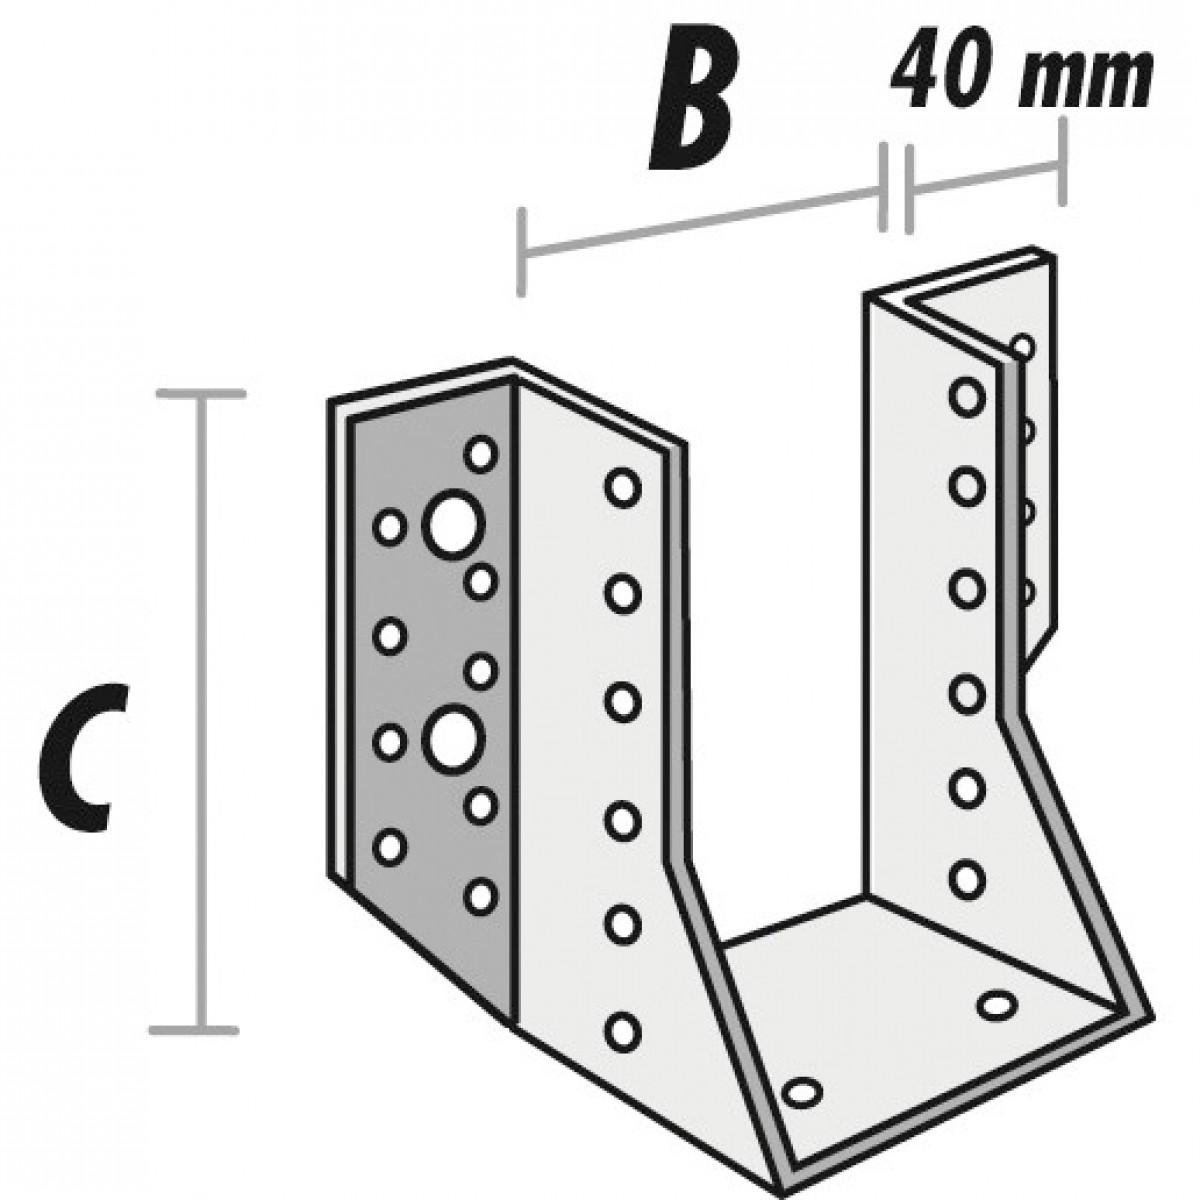 Sabot de solive aile extérieure - 200 mm x 100 mm - Alberts